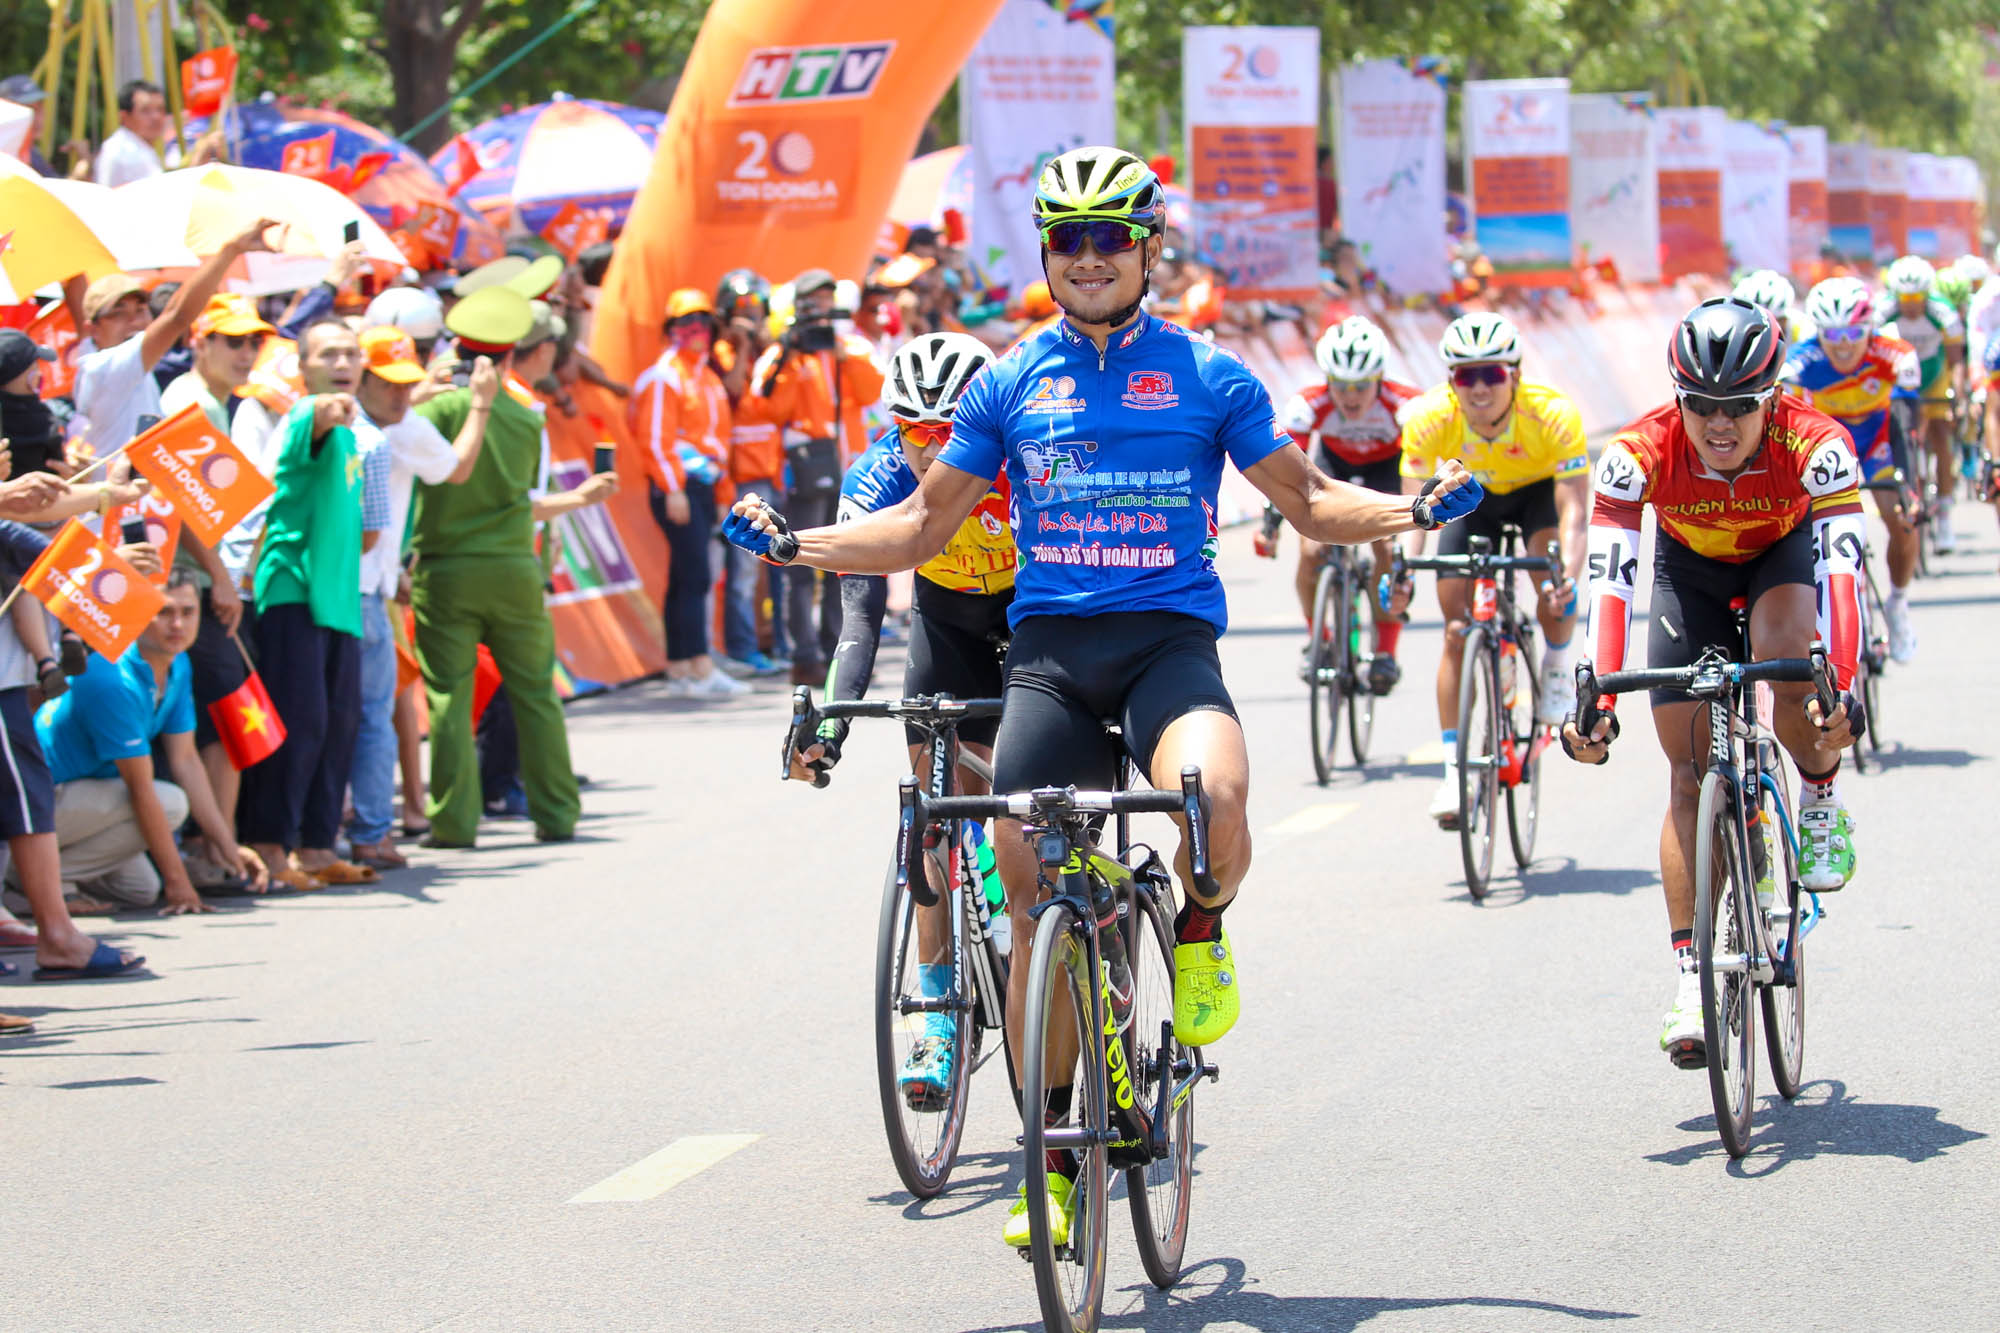 Lê Nguyệt Minh chiến thắng tại TP Quy Nhơn. Ảnh: M.Q